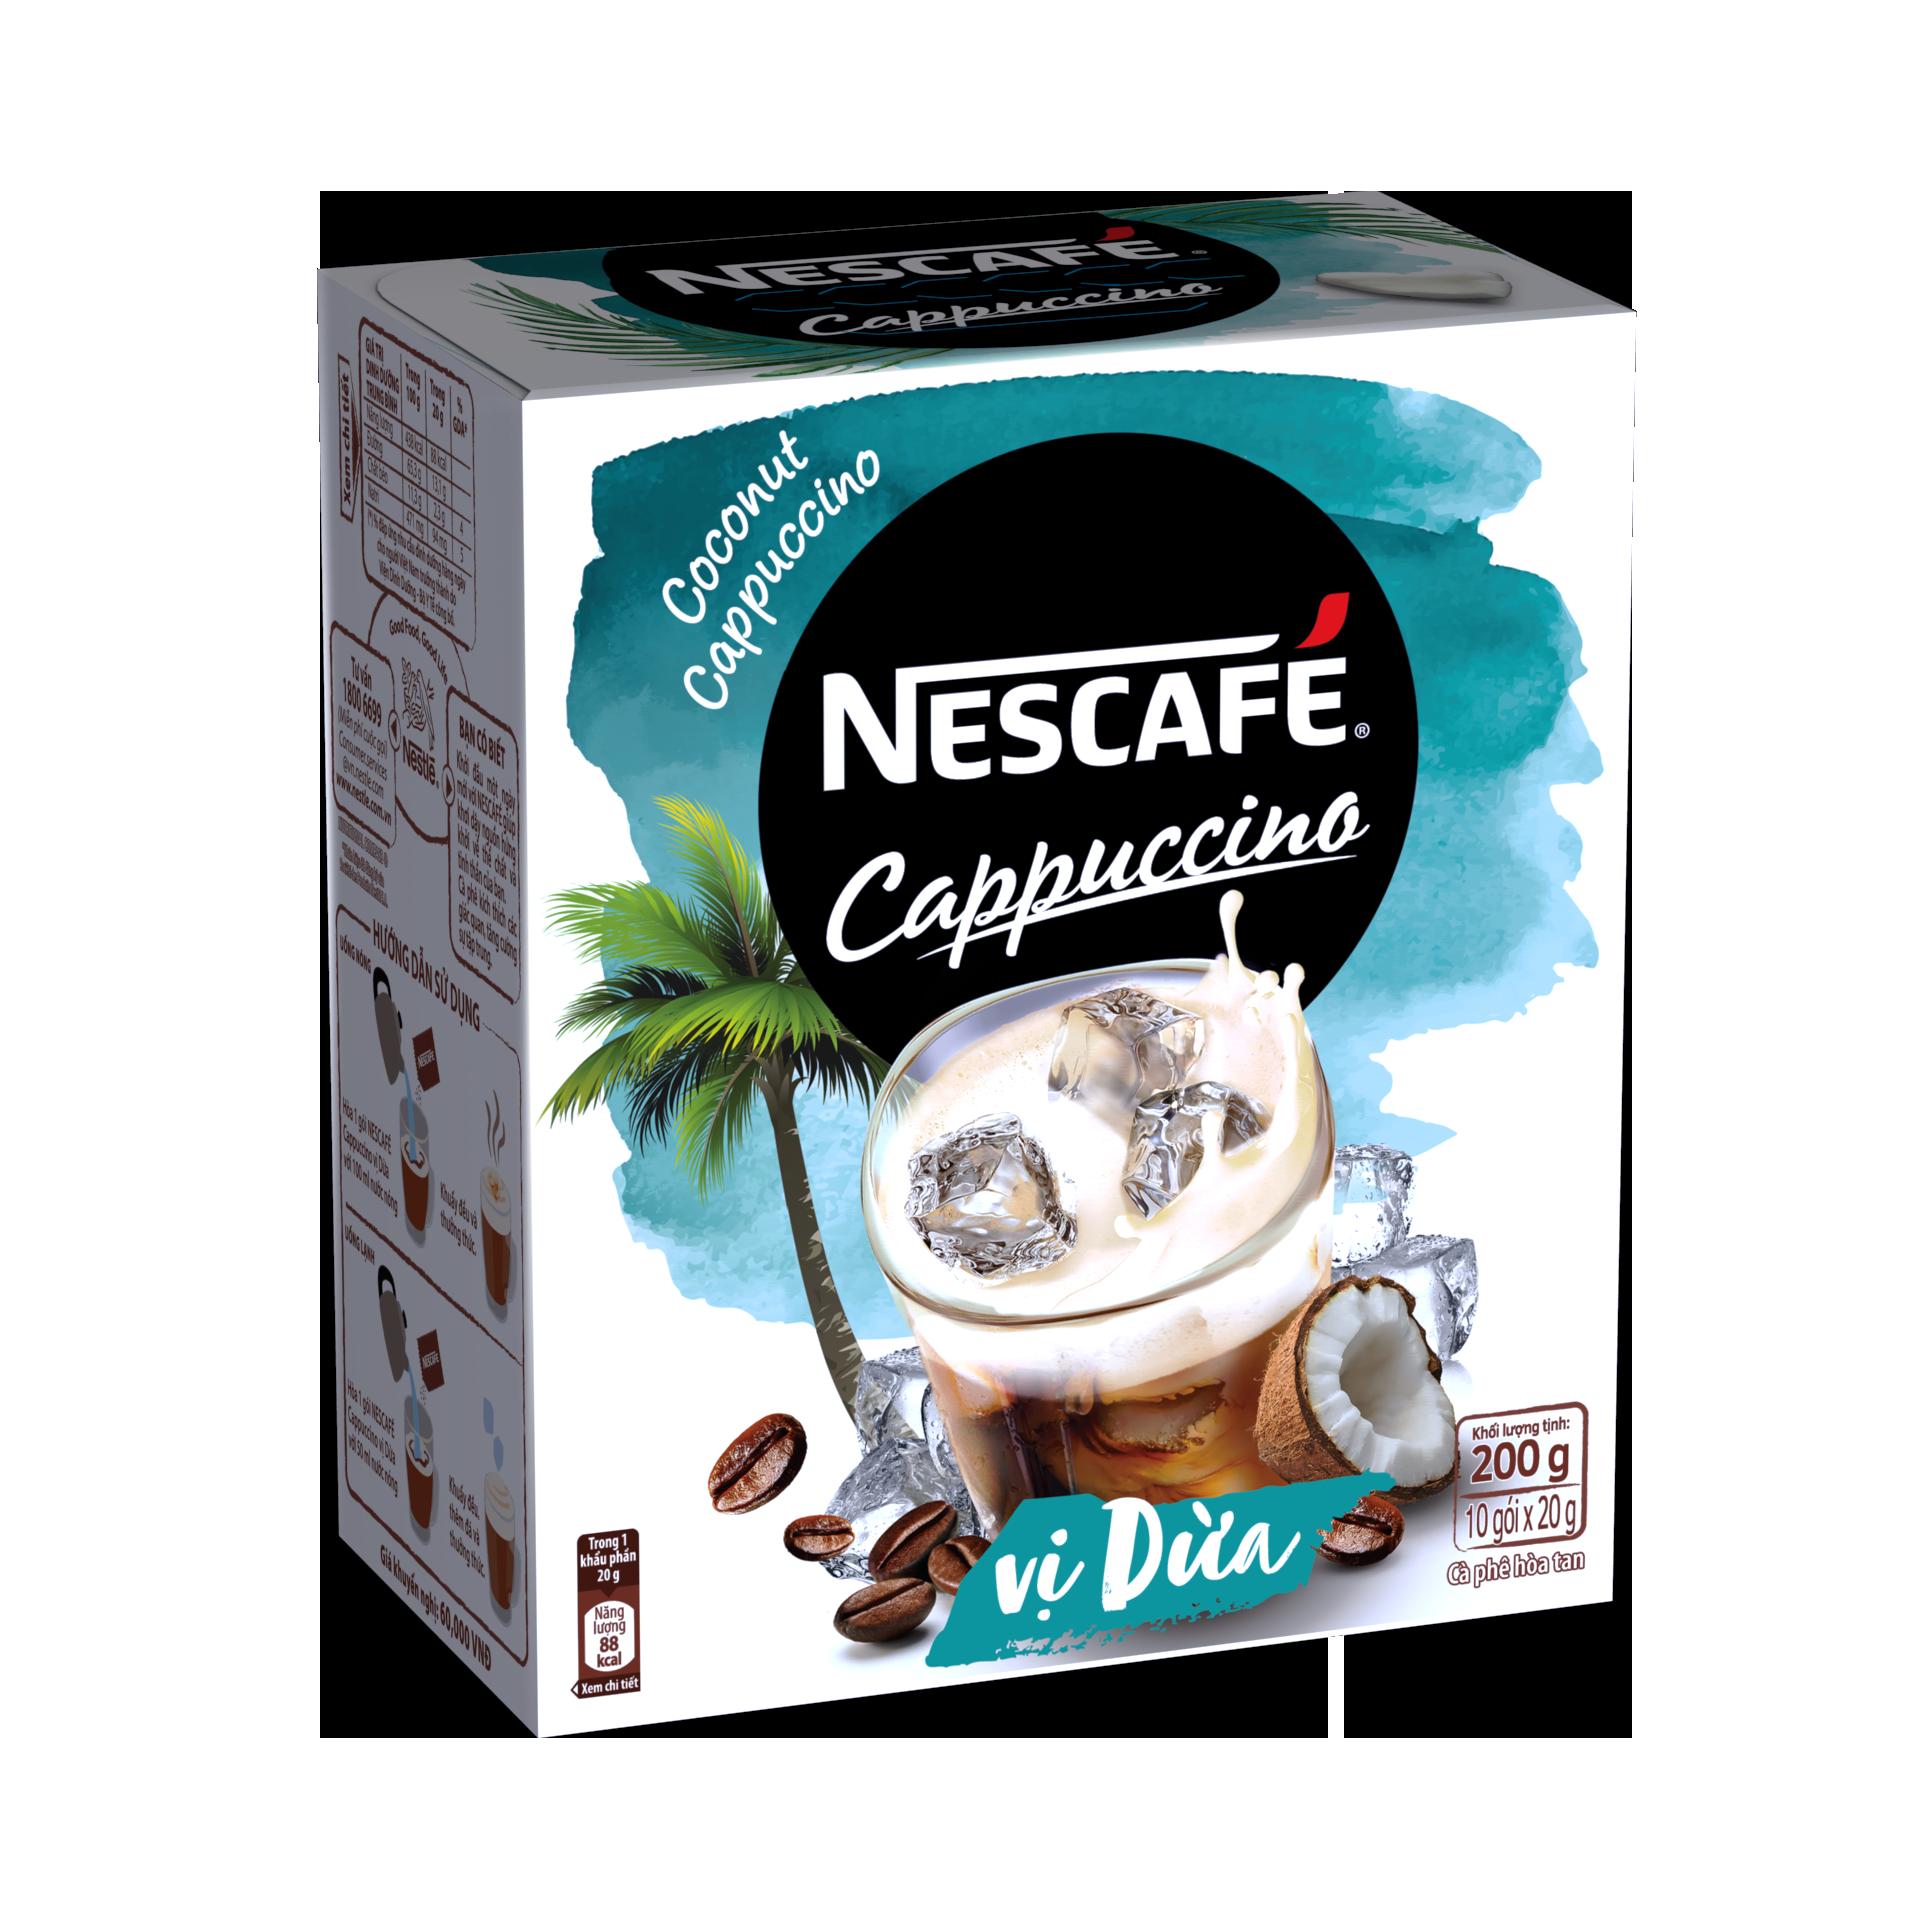 Cà Phê Hòa Tan Nescafé Cappuccino Vị Dừa Hộp 10 gói x 20g